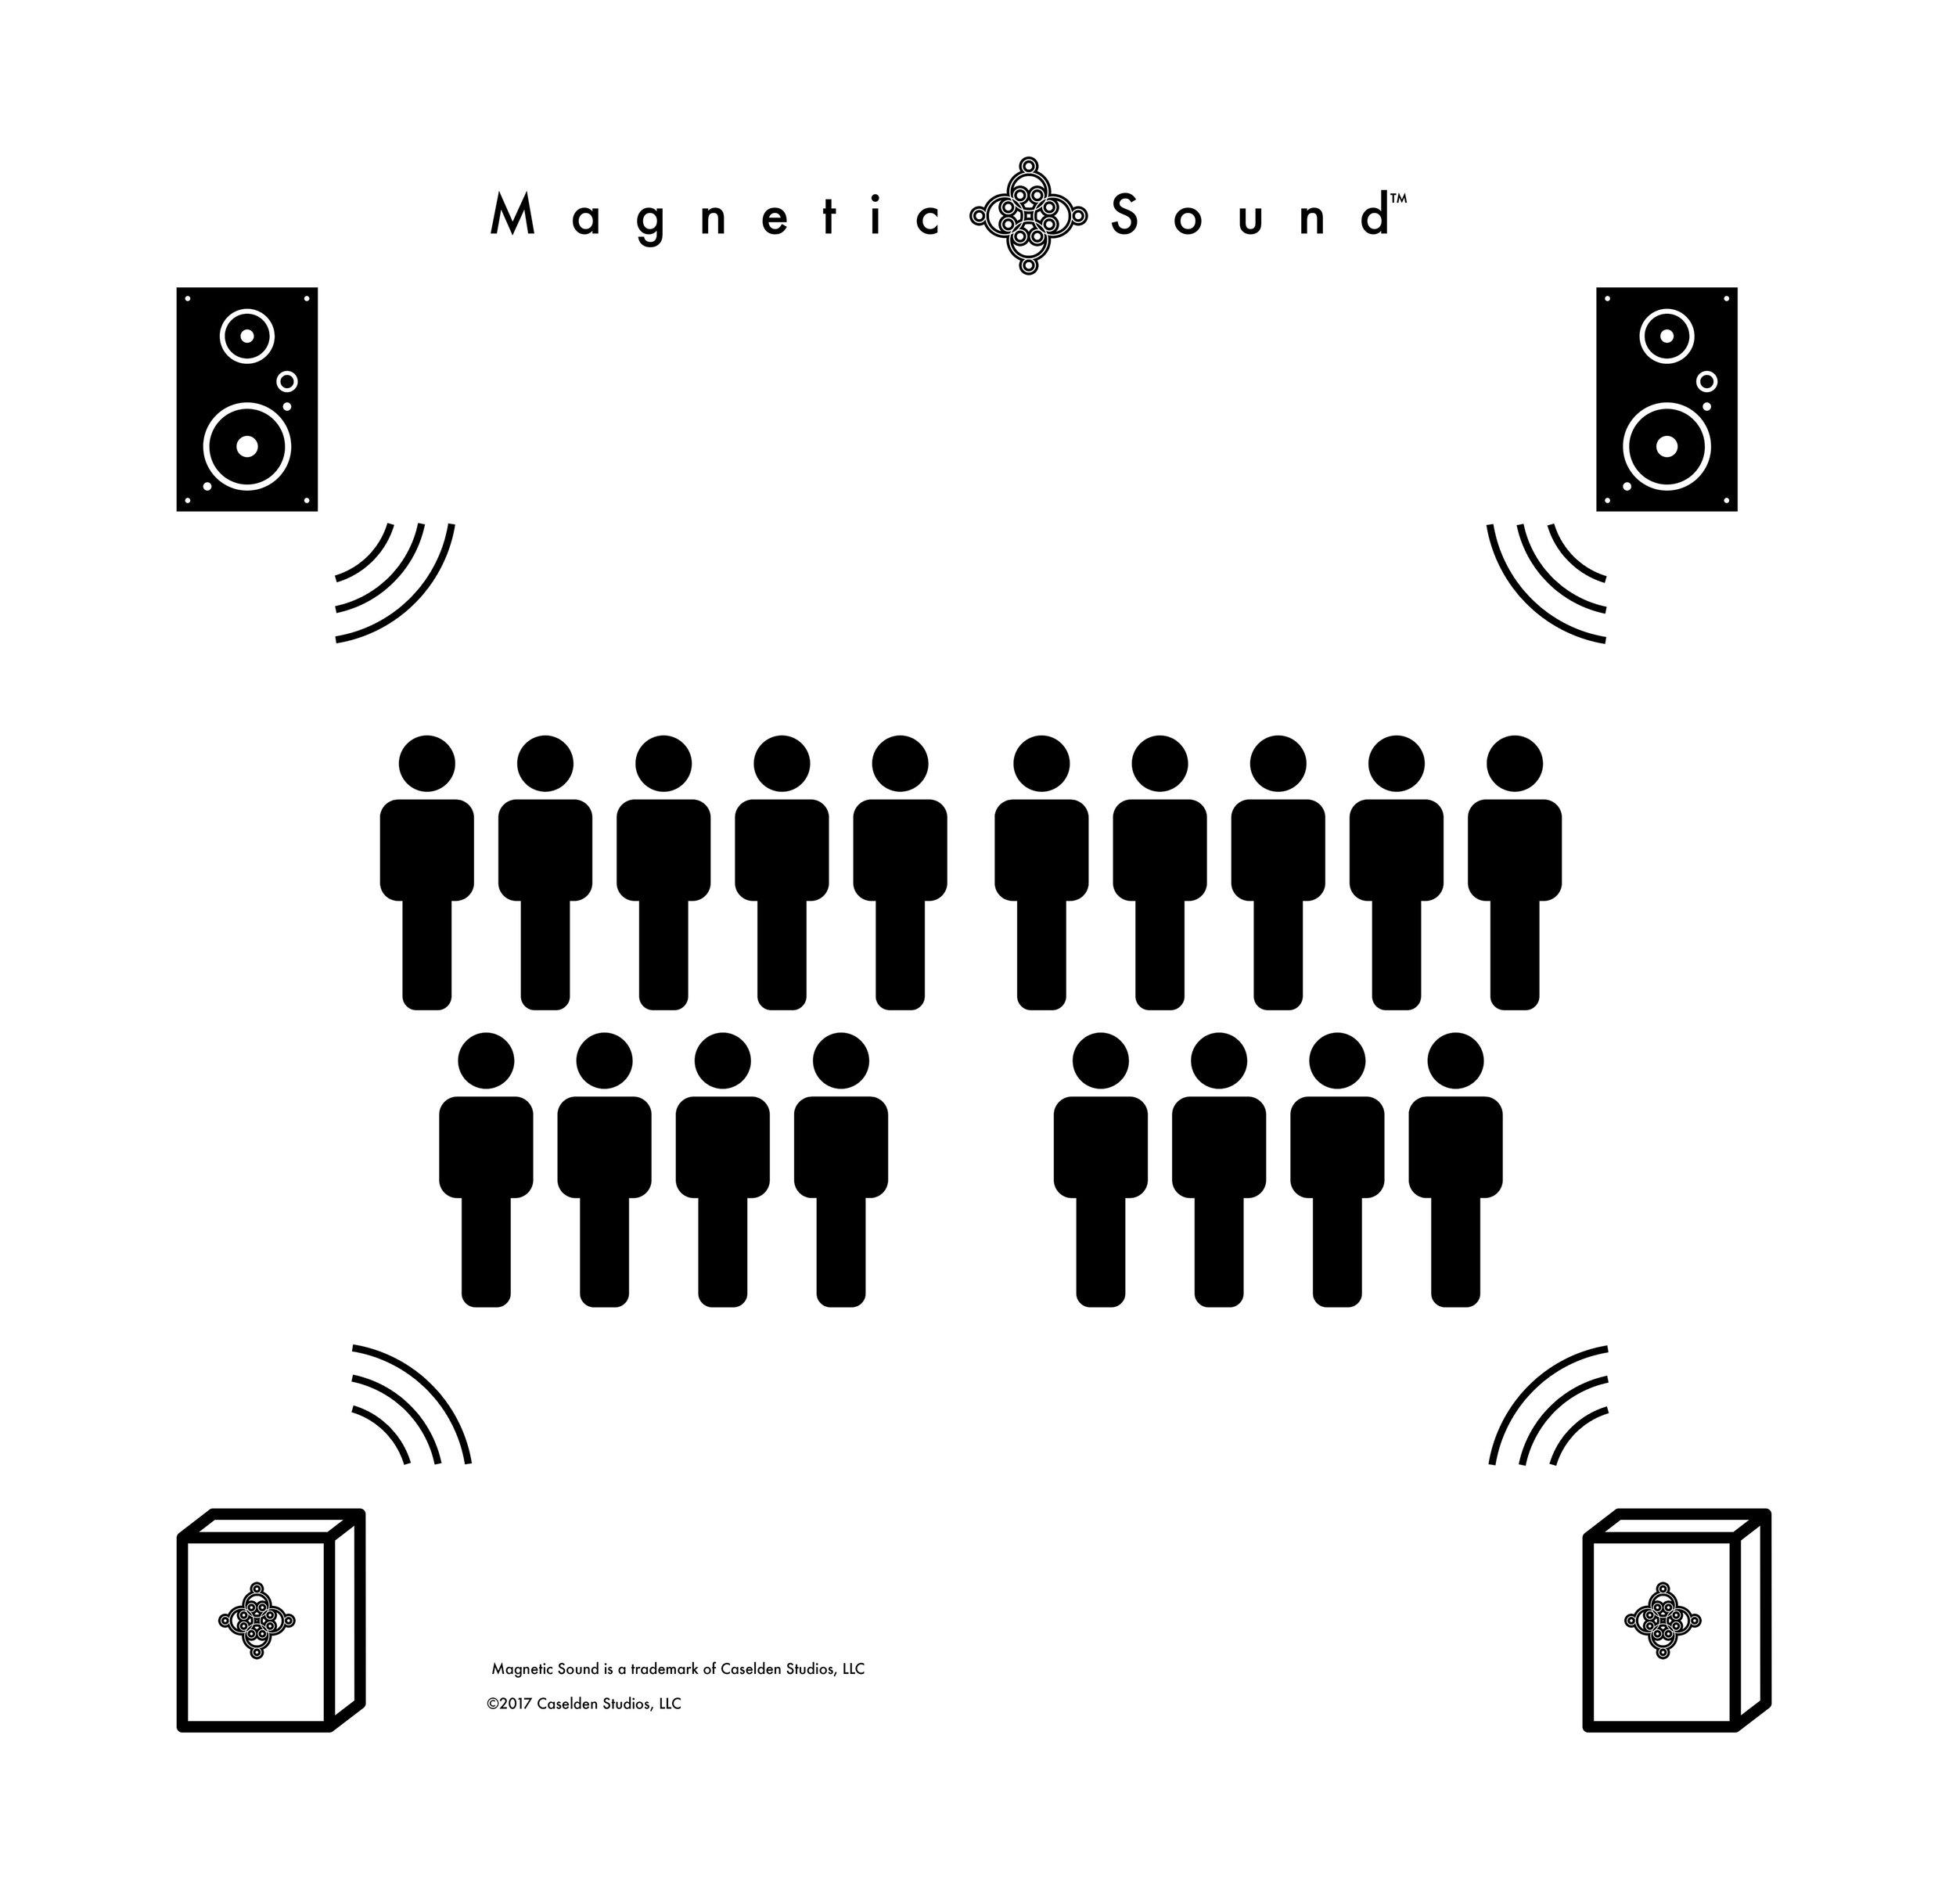 magnetic-sound-bath-layout-diagram-v02.png